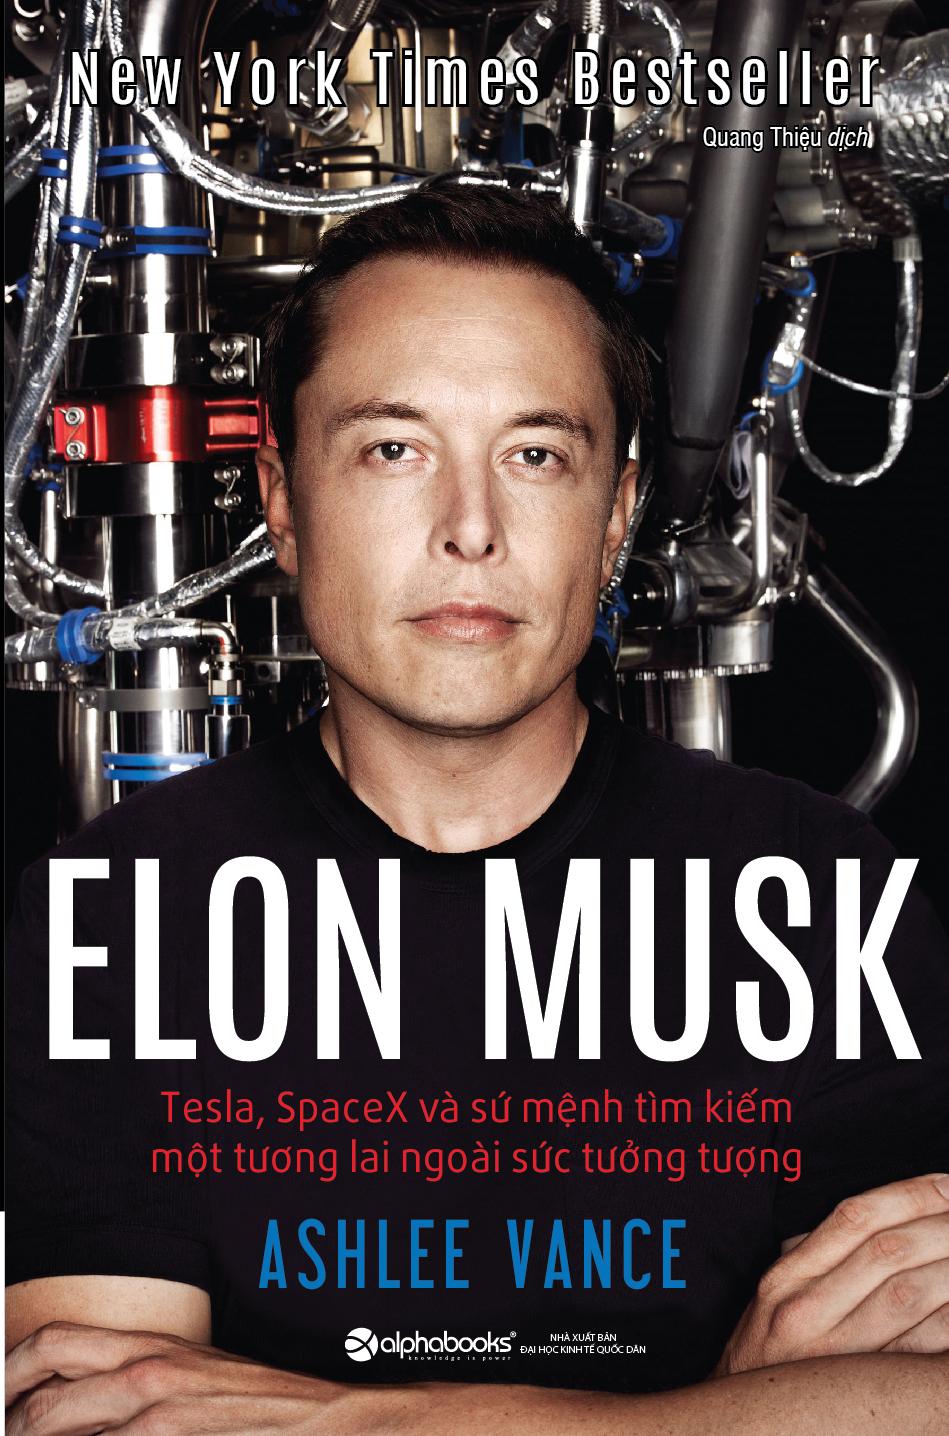 Hiểu hơn về Elon Musk qua quyển sách bán chạy nhất của NYT